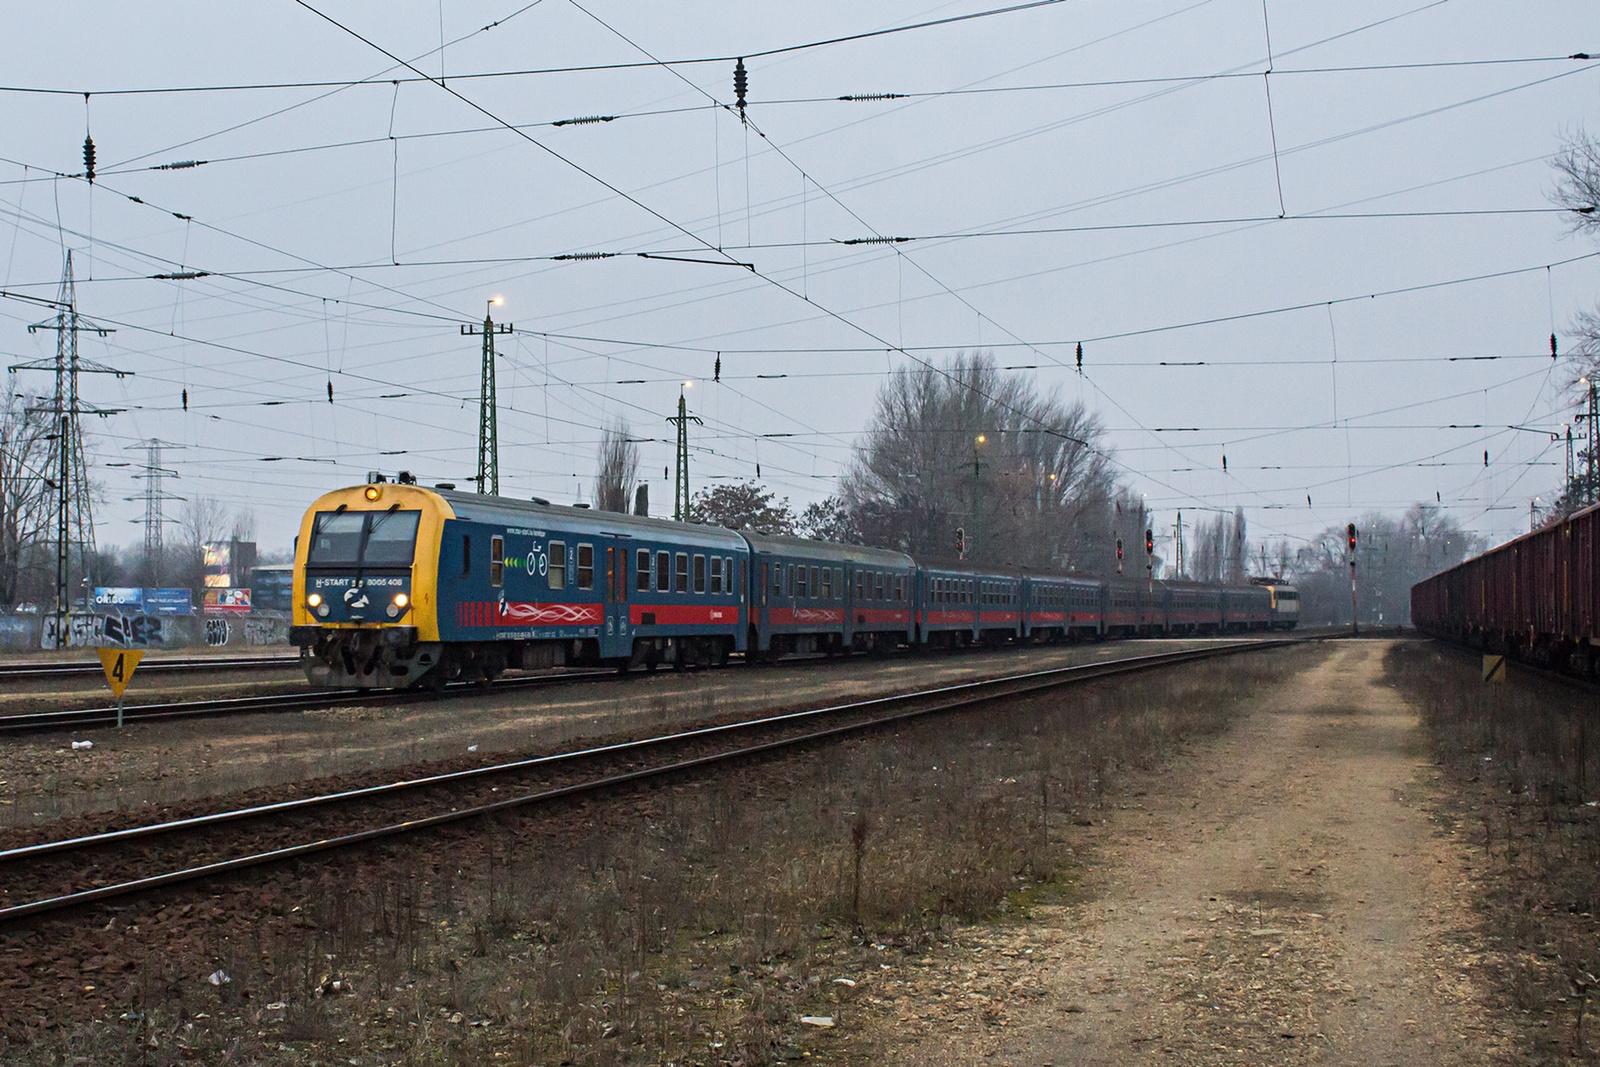 8005 408 Kőbánya-Kispest (2021.02.02)